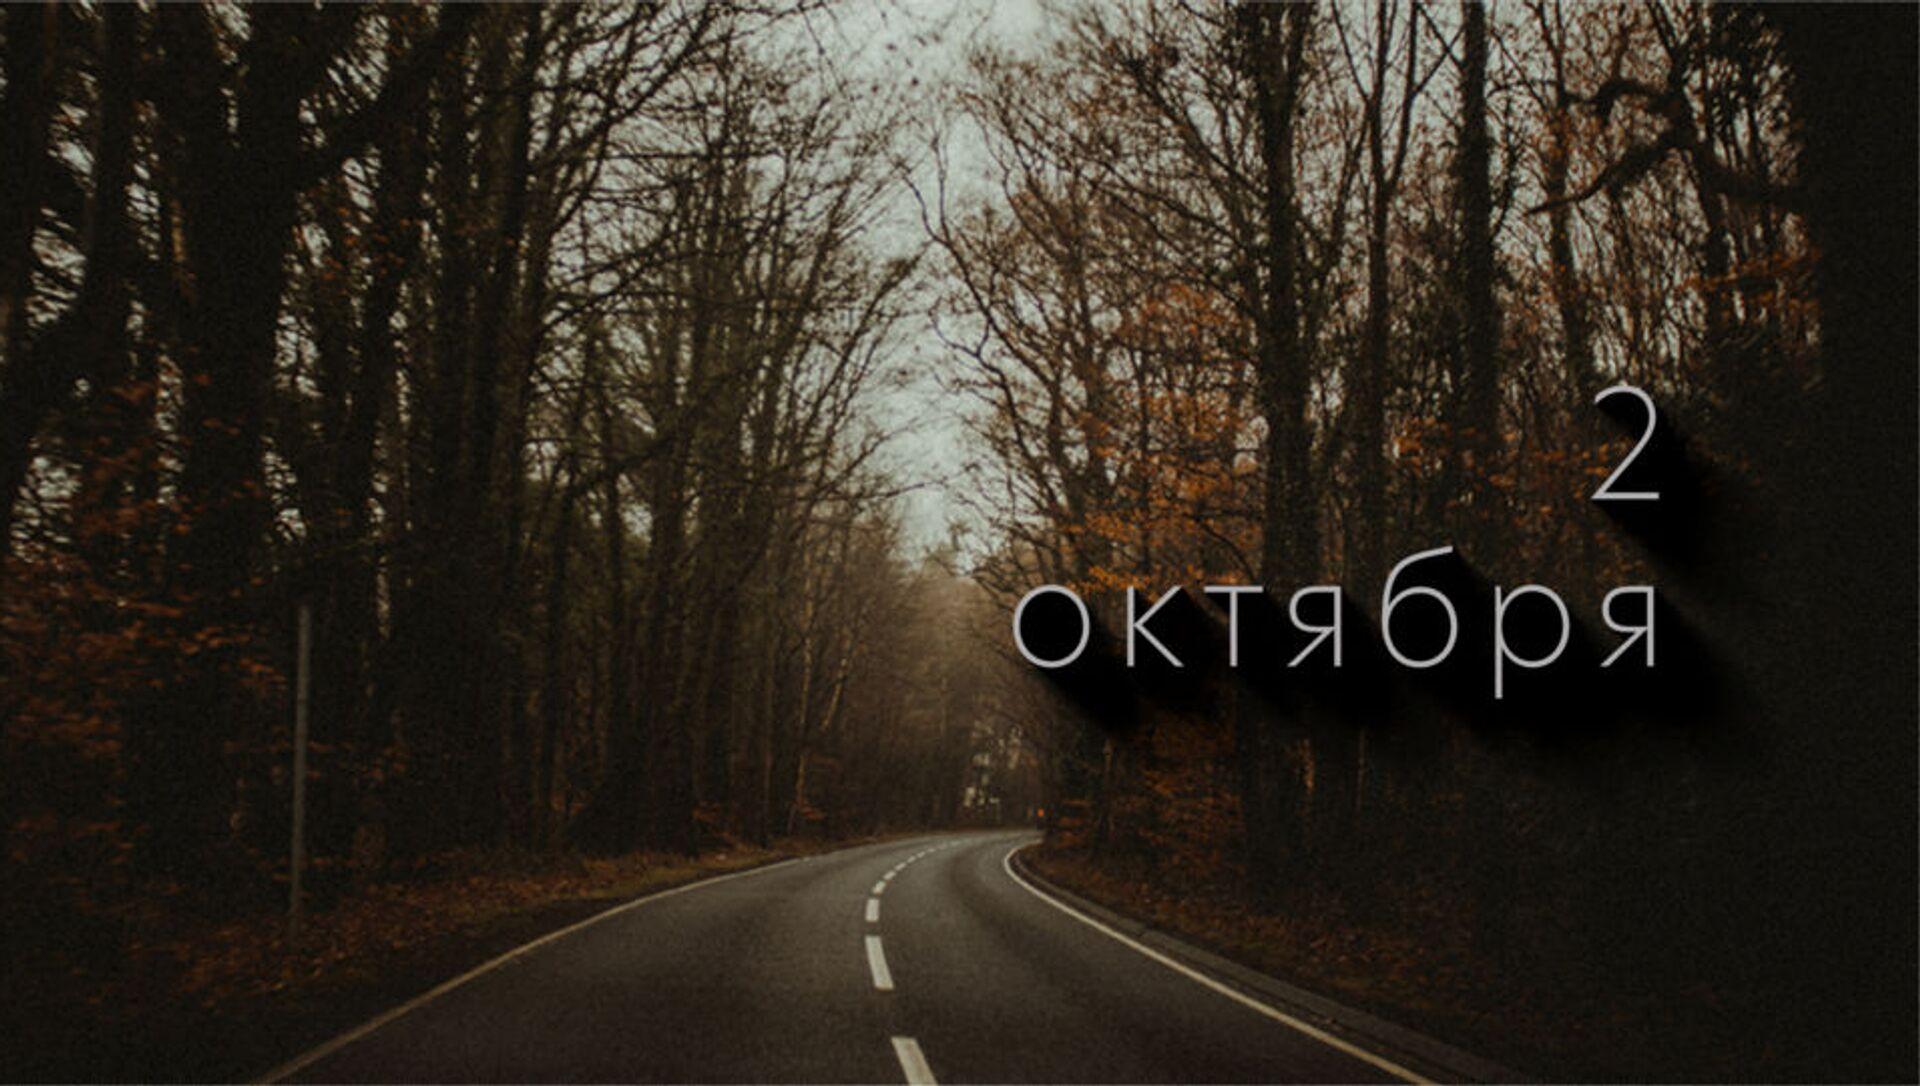 День 2 октября - Sputnik Южная Осетия, 1920, 01.10.2021